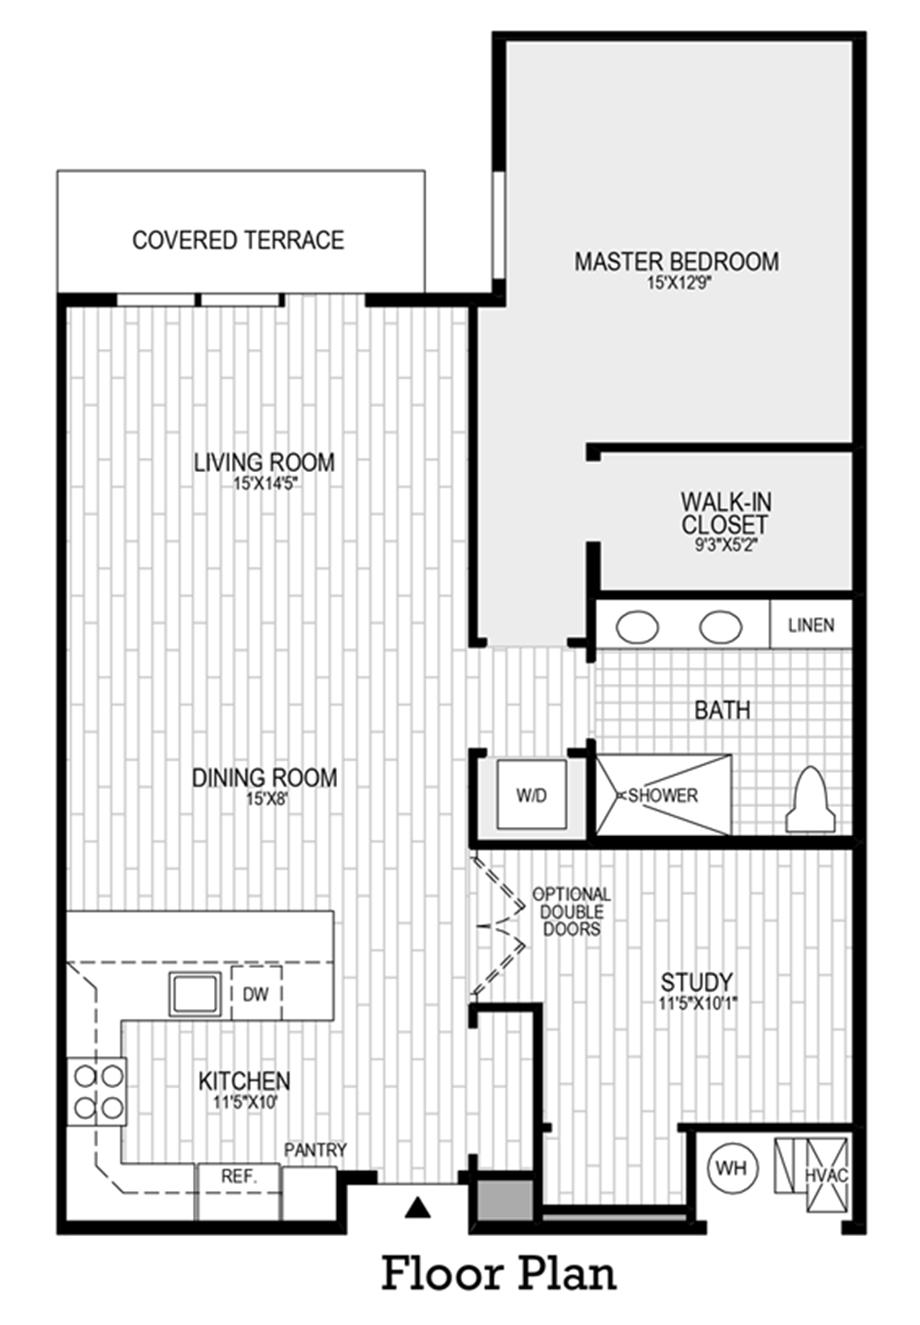 1 Bedroom, 1 Bath with Den Floor Plan